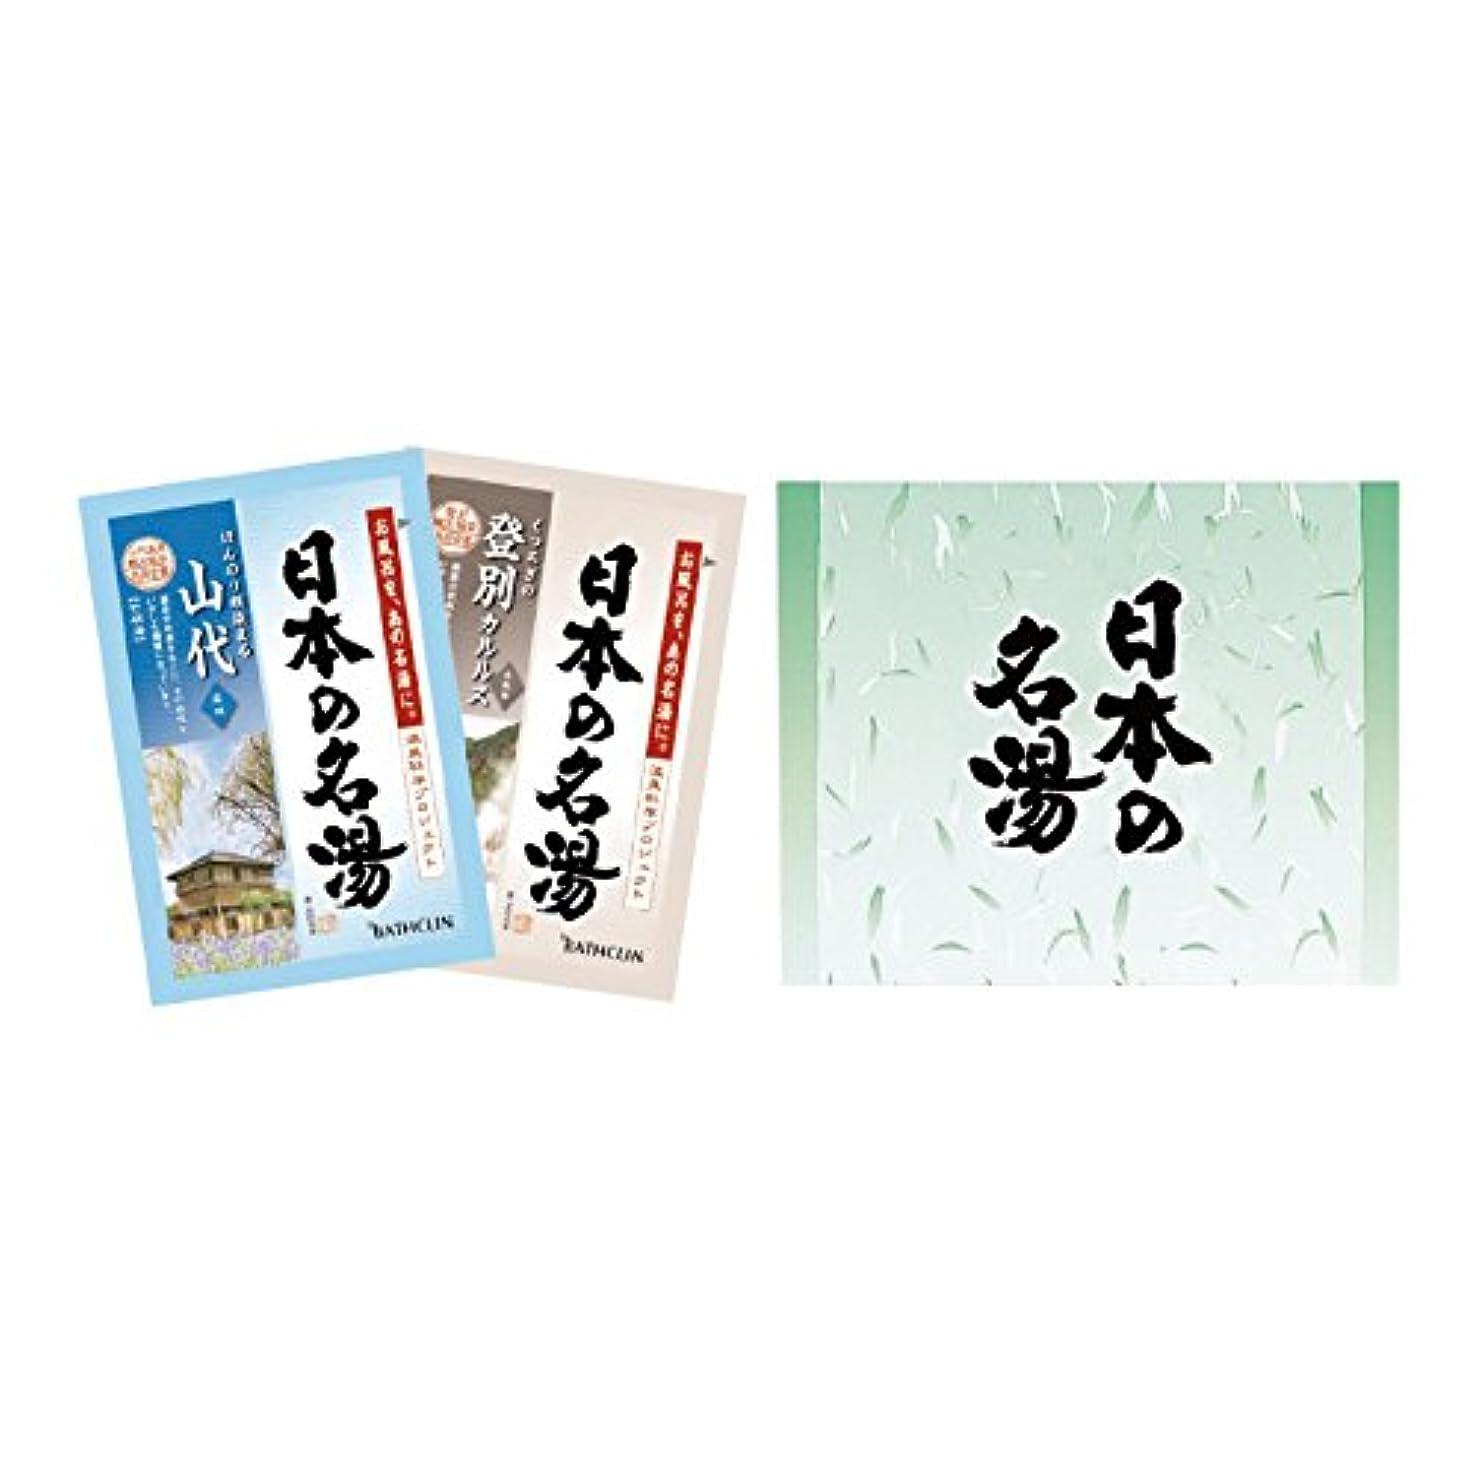 スツールフロー擬人日本の名湯 入浴剤 2包入